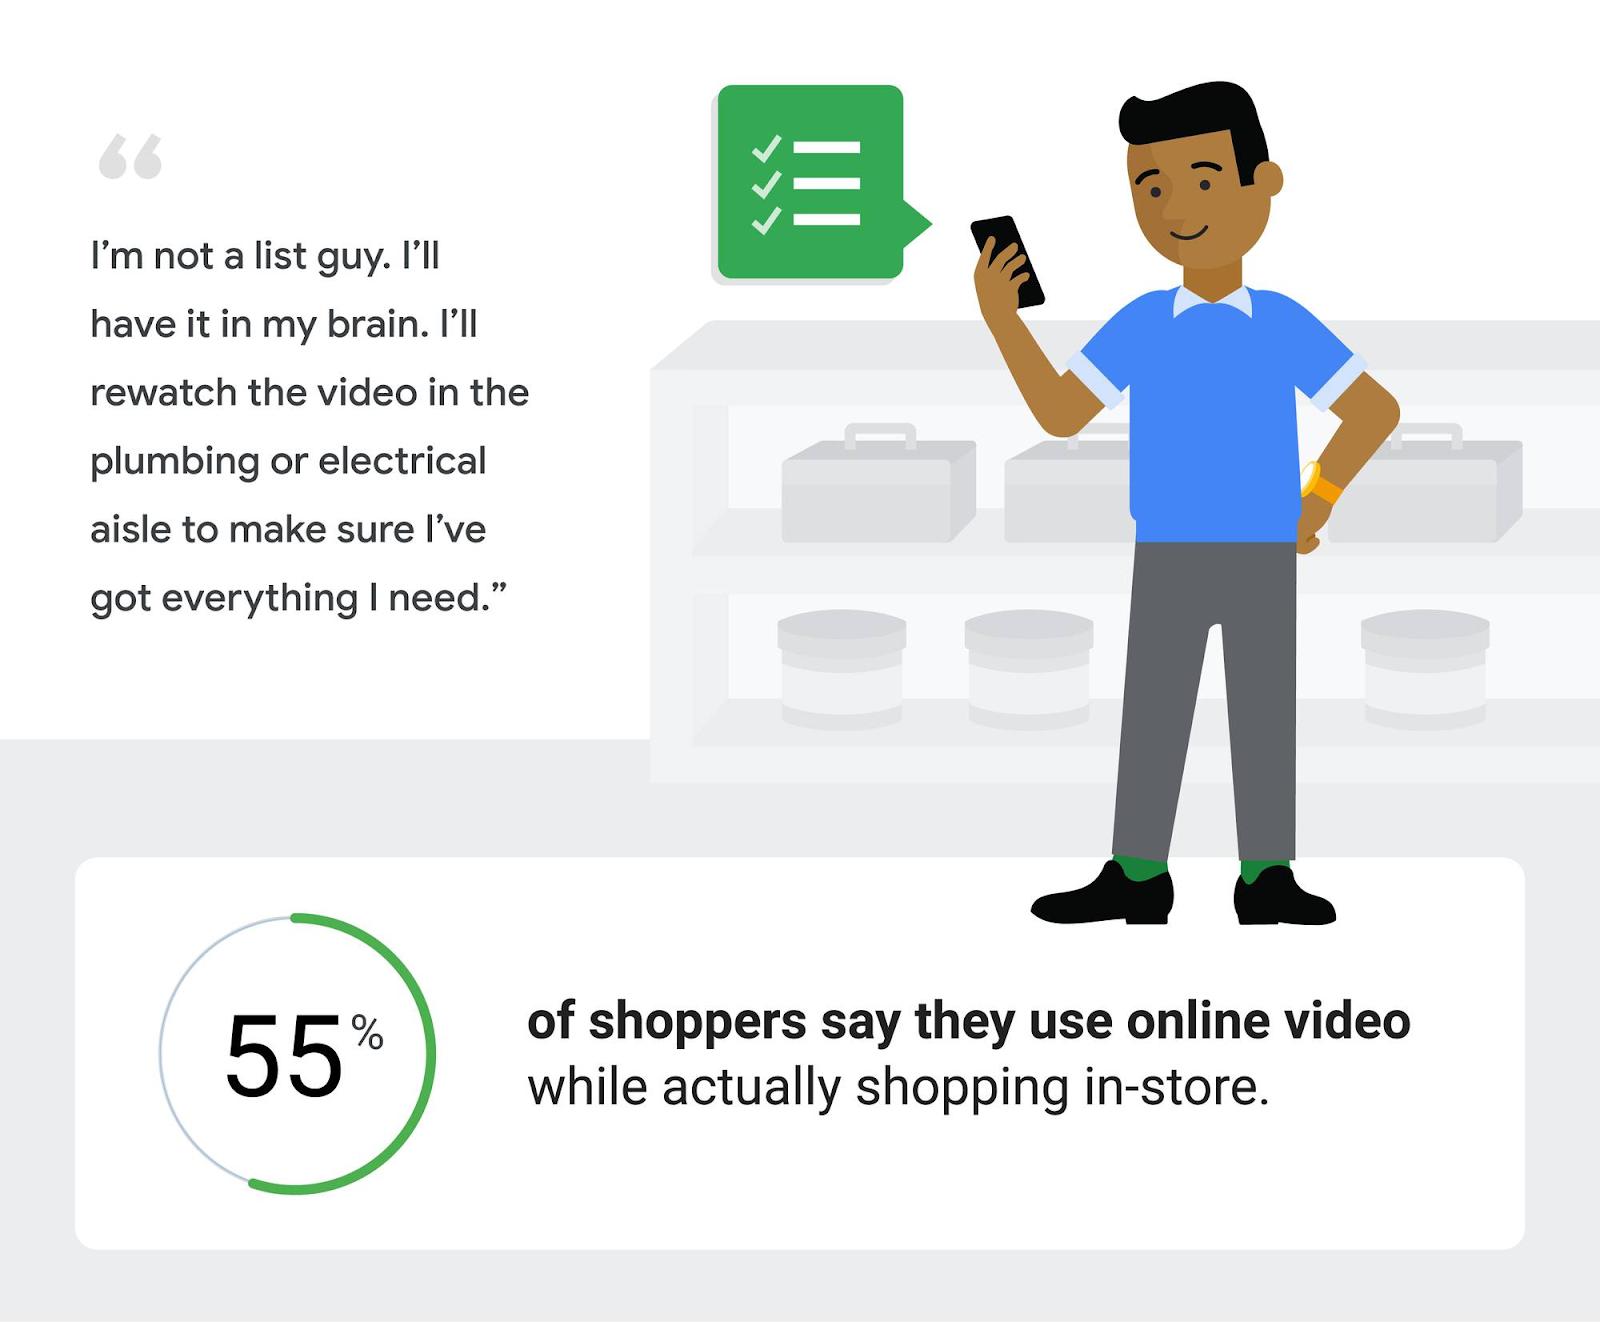 Google shopping data